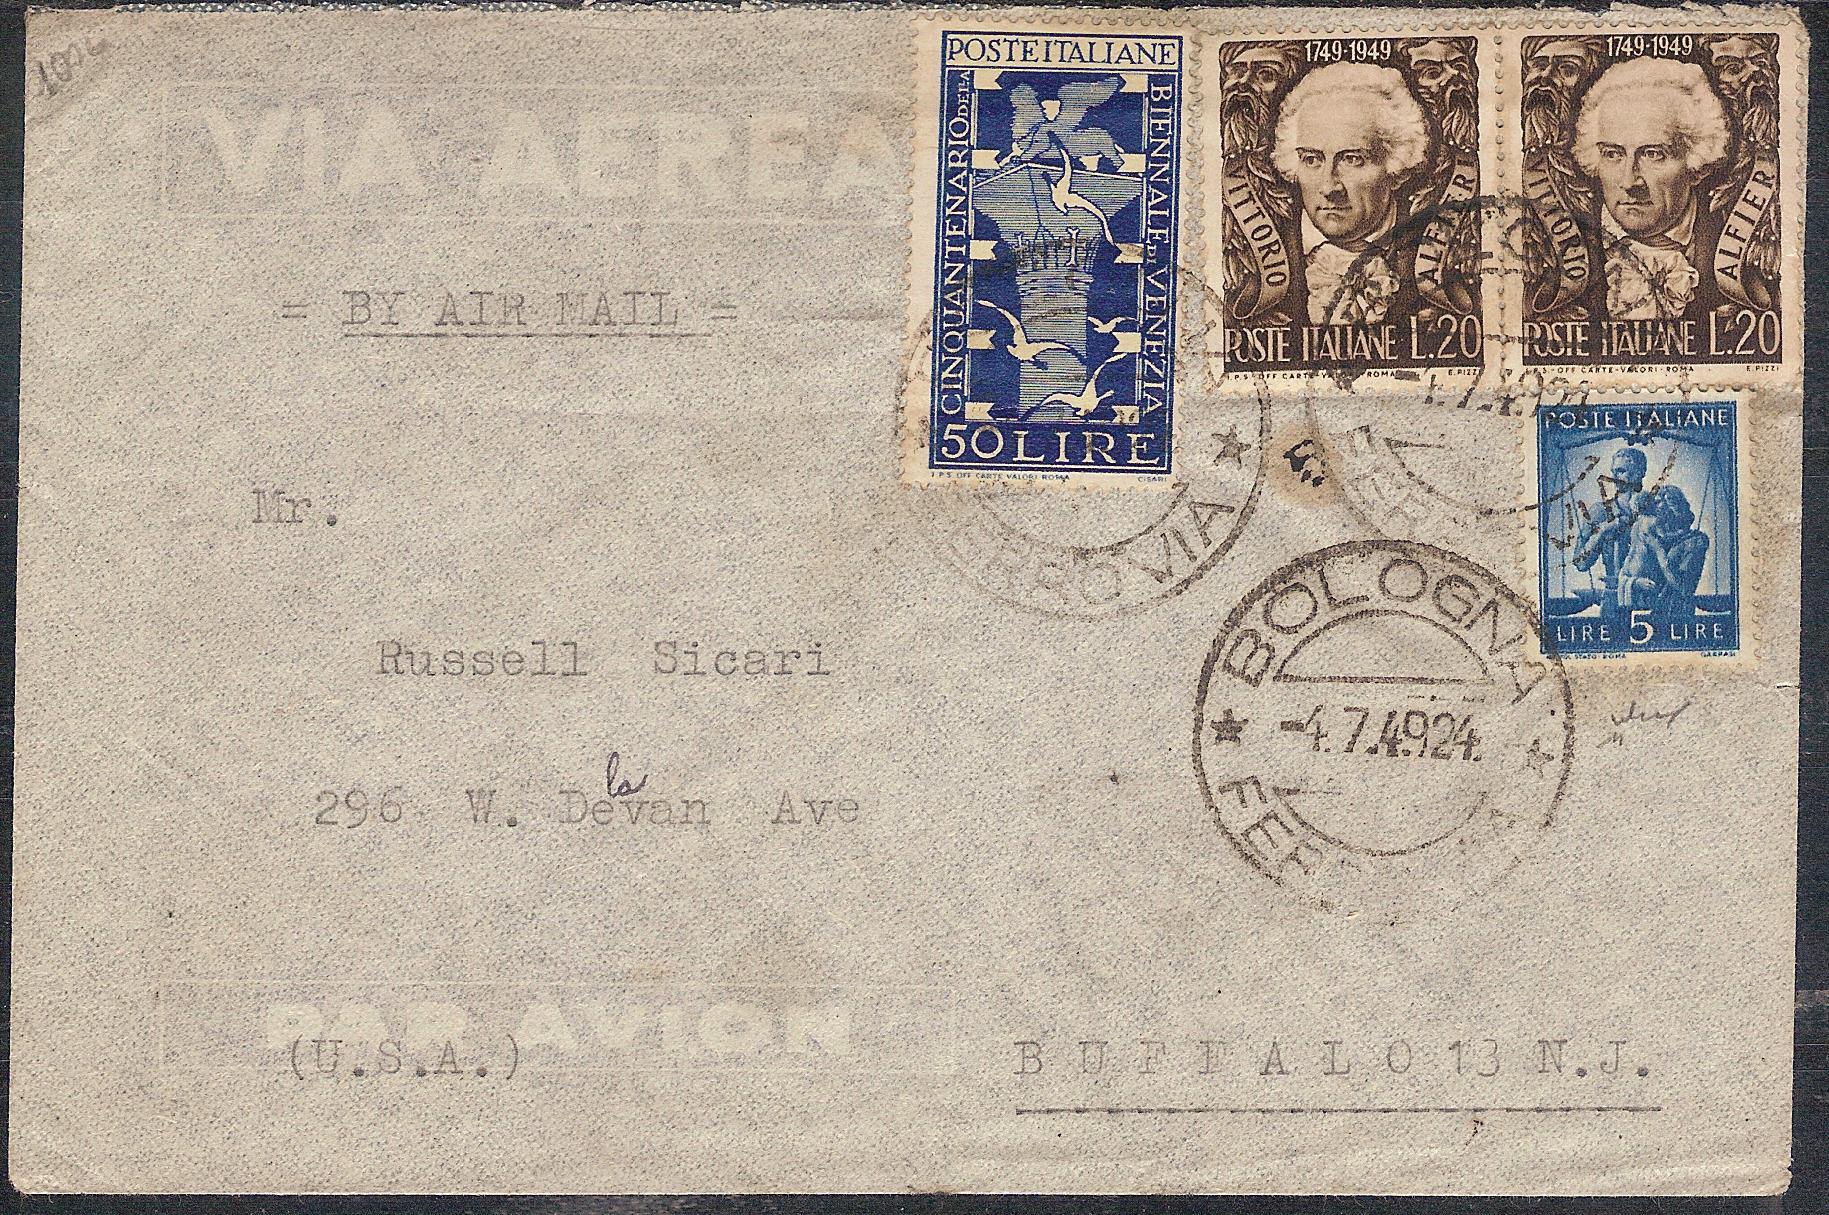 Lettera da Bologna del 4.7.49 diretta a Buffalo (USA ...